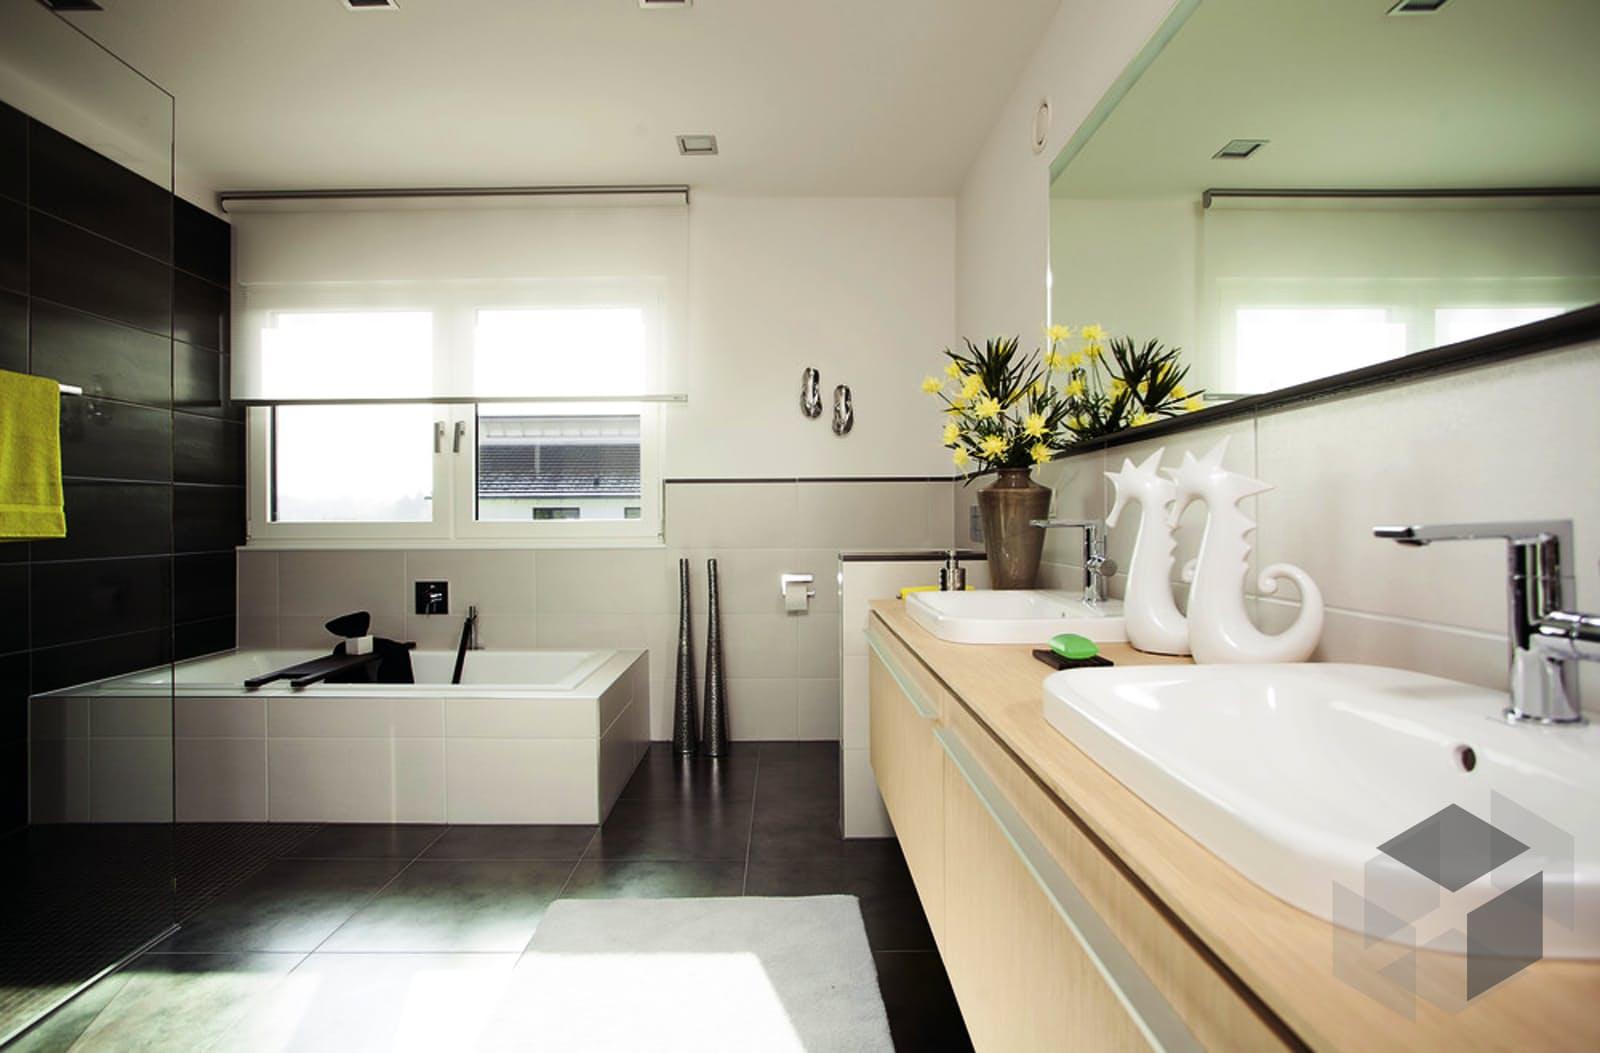 ausstellungshaus wenden h nsborn citylife 700 von weberhaus komplette daten bersicht. Black Bedroom Furniture Sets. Home Design Ideas